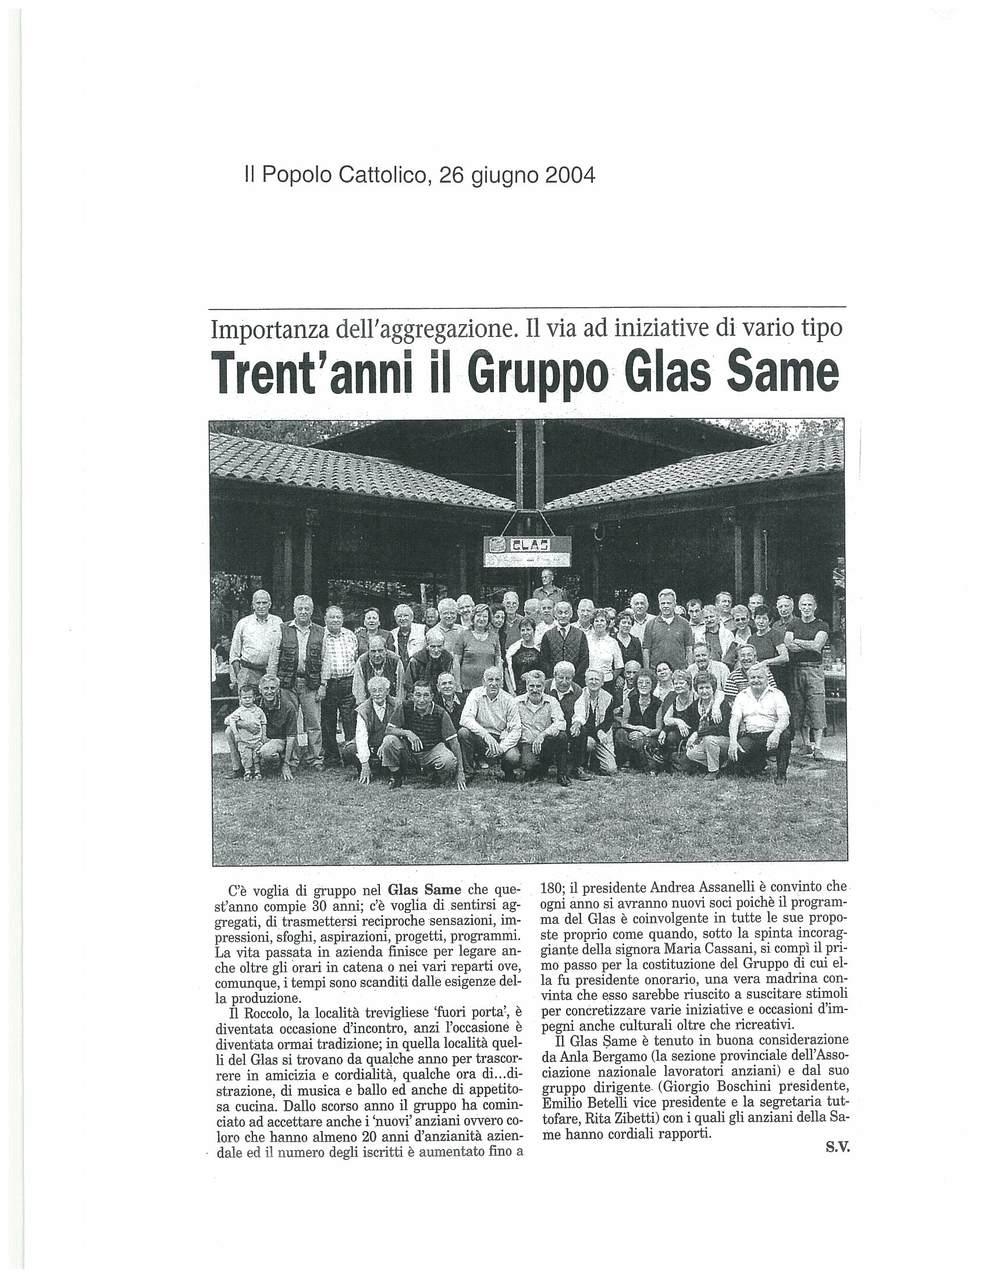 Trent'anni il Gruppo Glas SAME